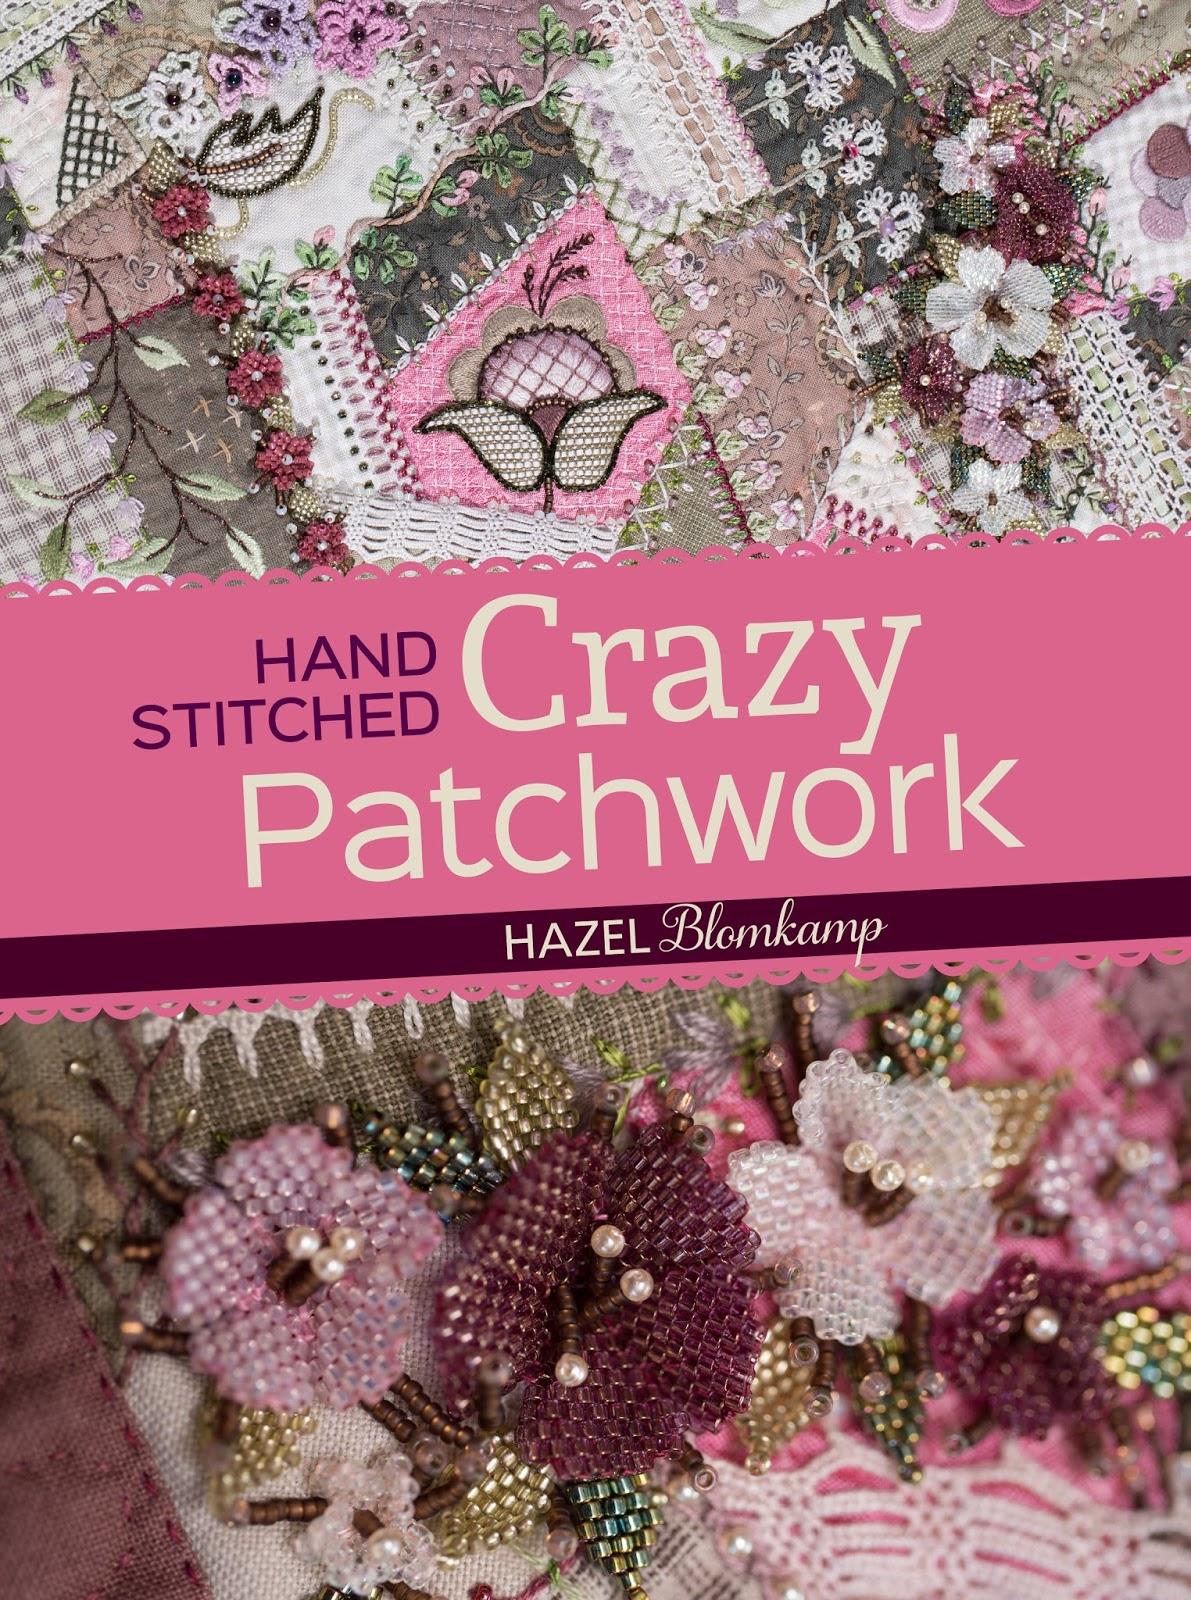 Hand-Stitched Crazy Patchwork by Hazel Blomkamp (2016, Paperback)